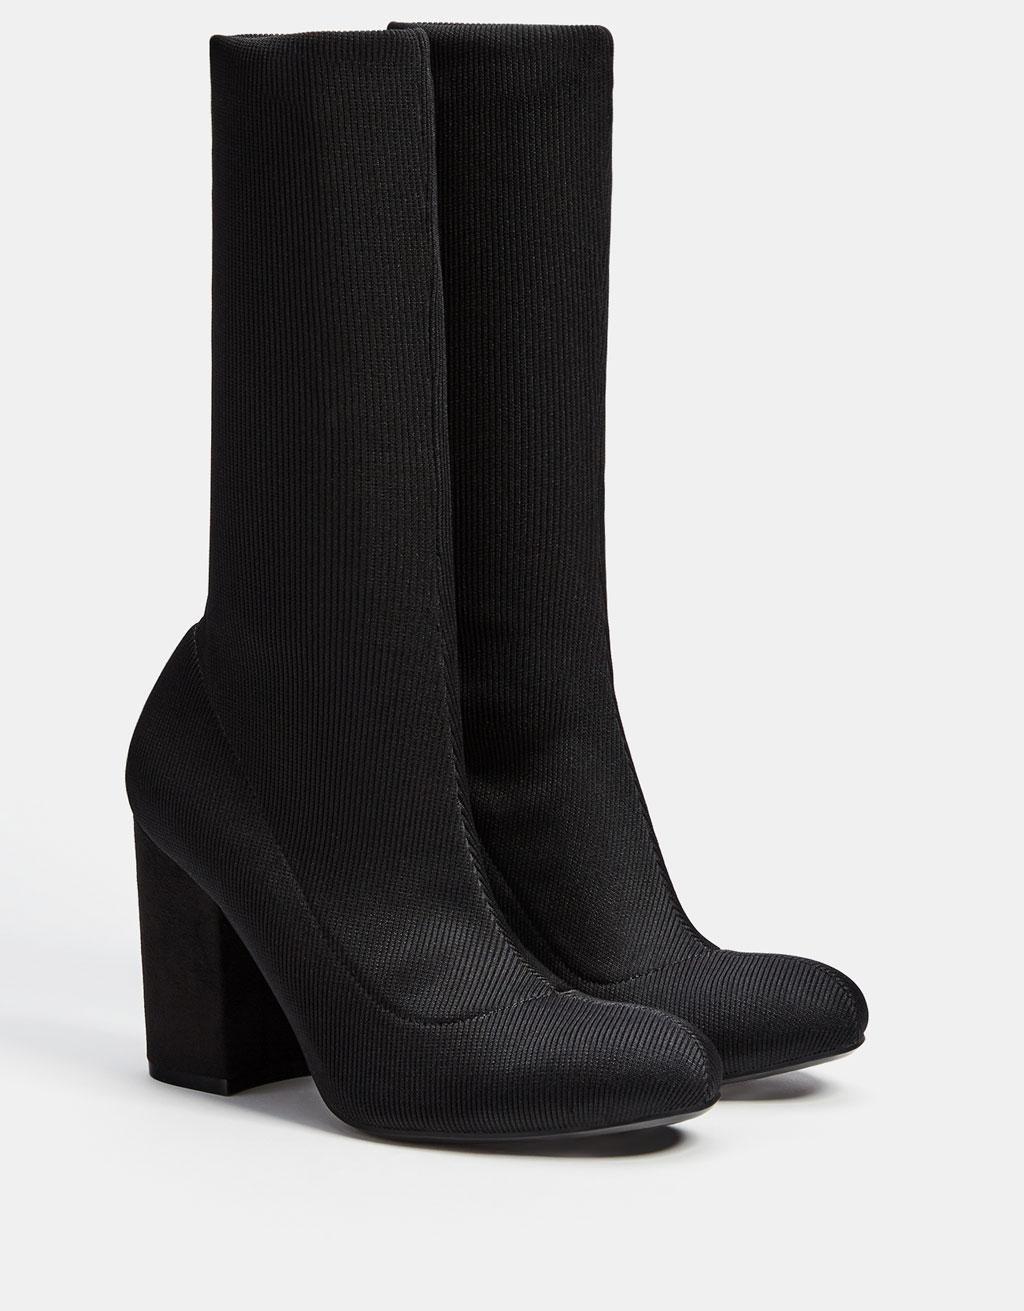 Stiefelette mit hohem Absatz mit Socken